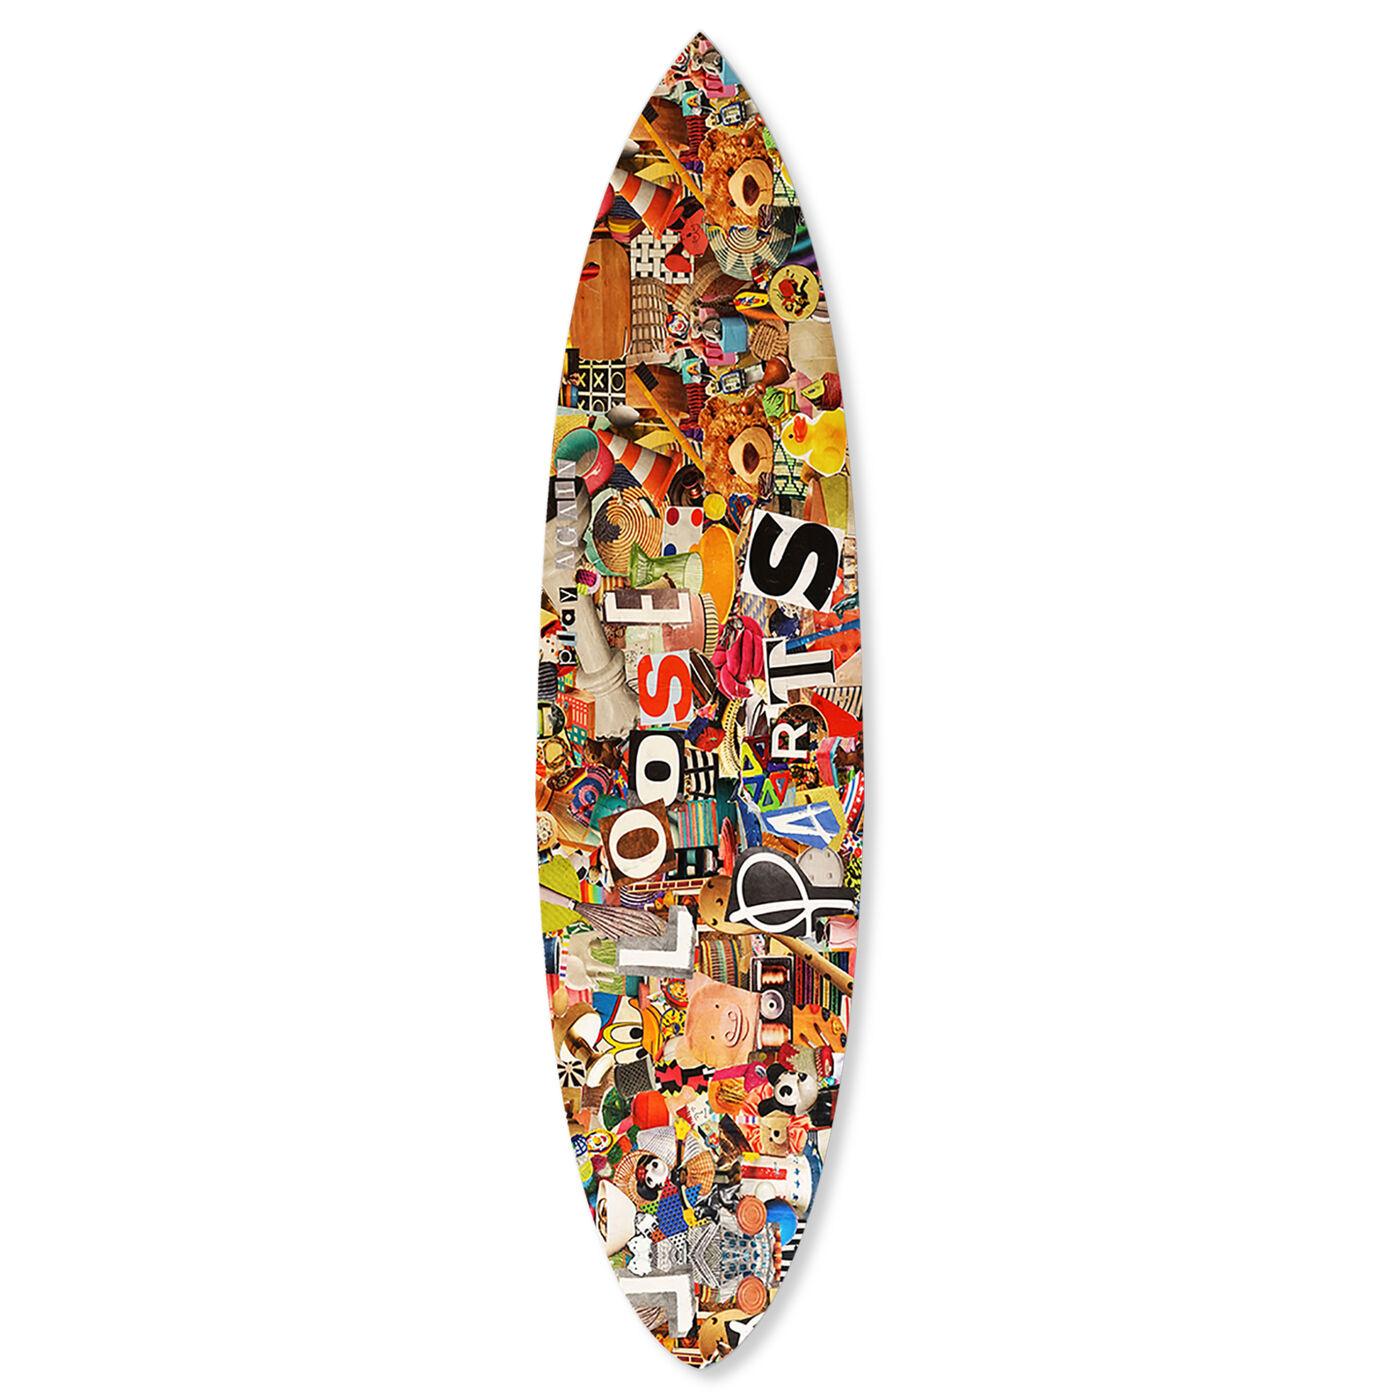 Katy Hirschfeld - Loose Parts Surfboard Flat